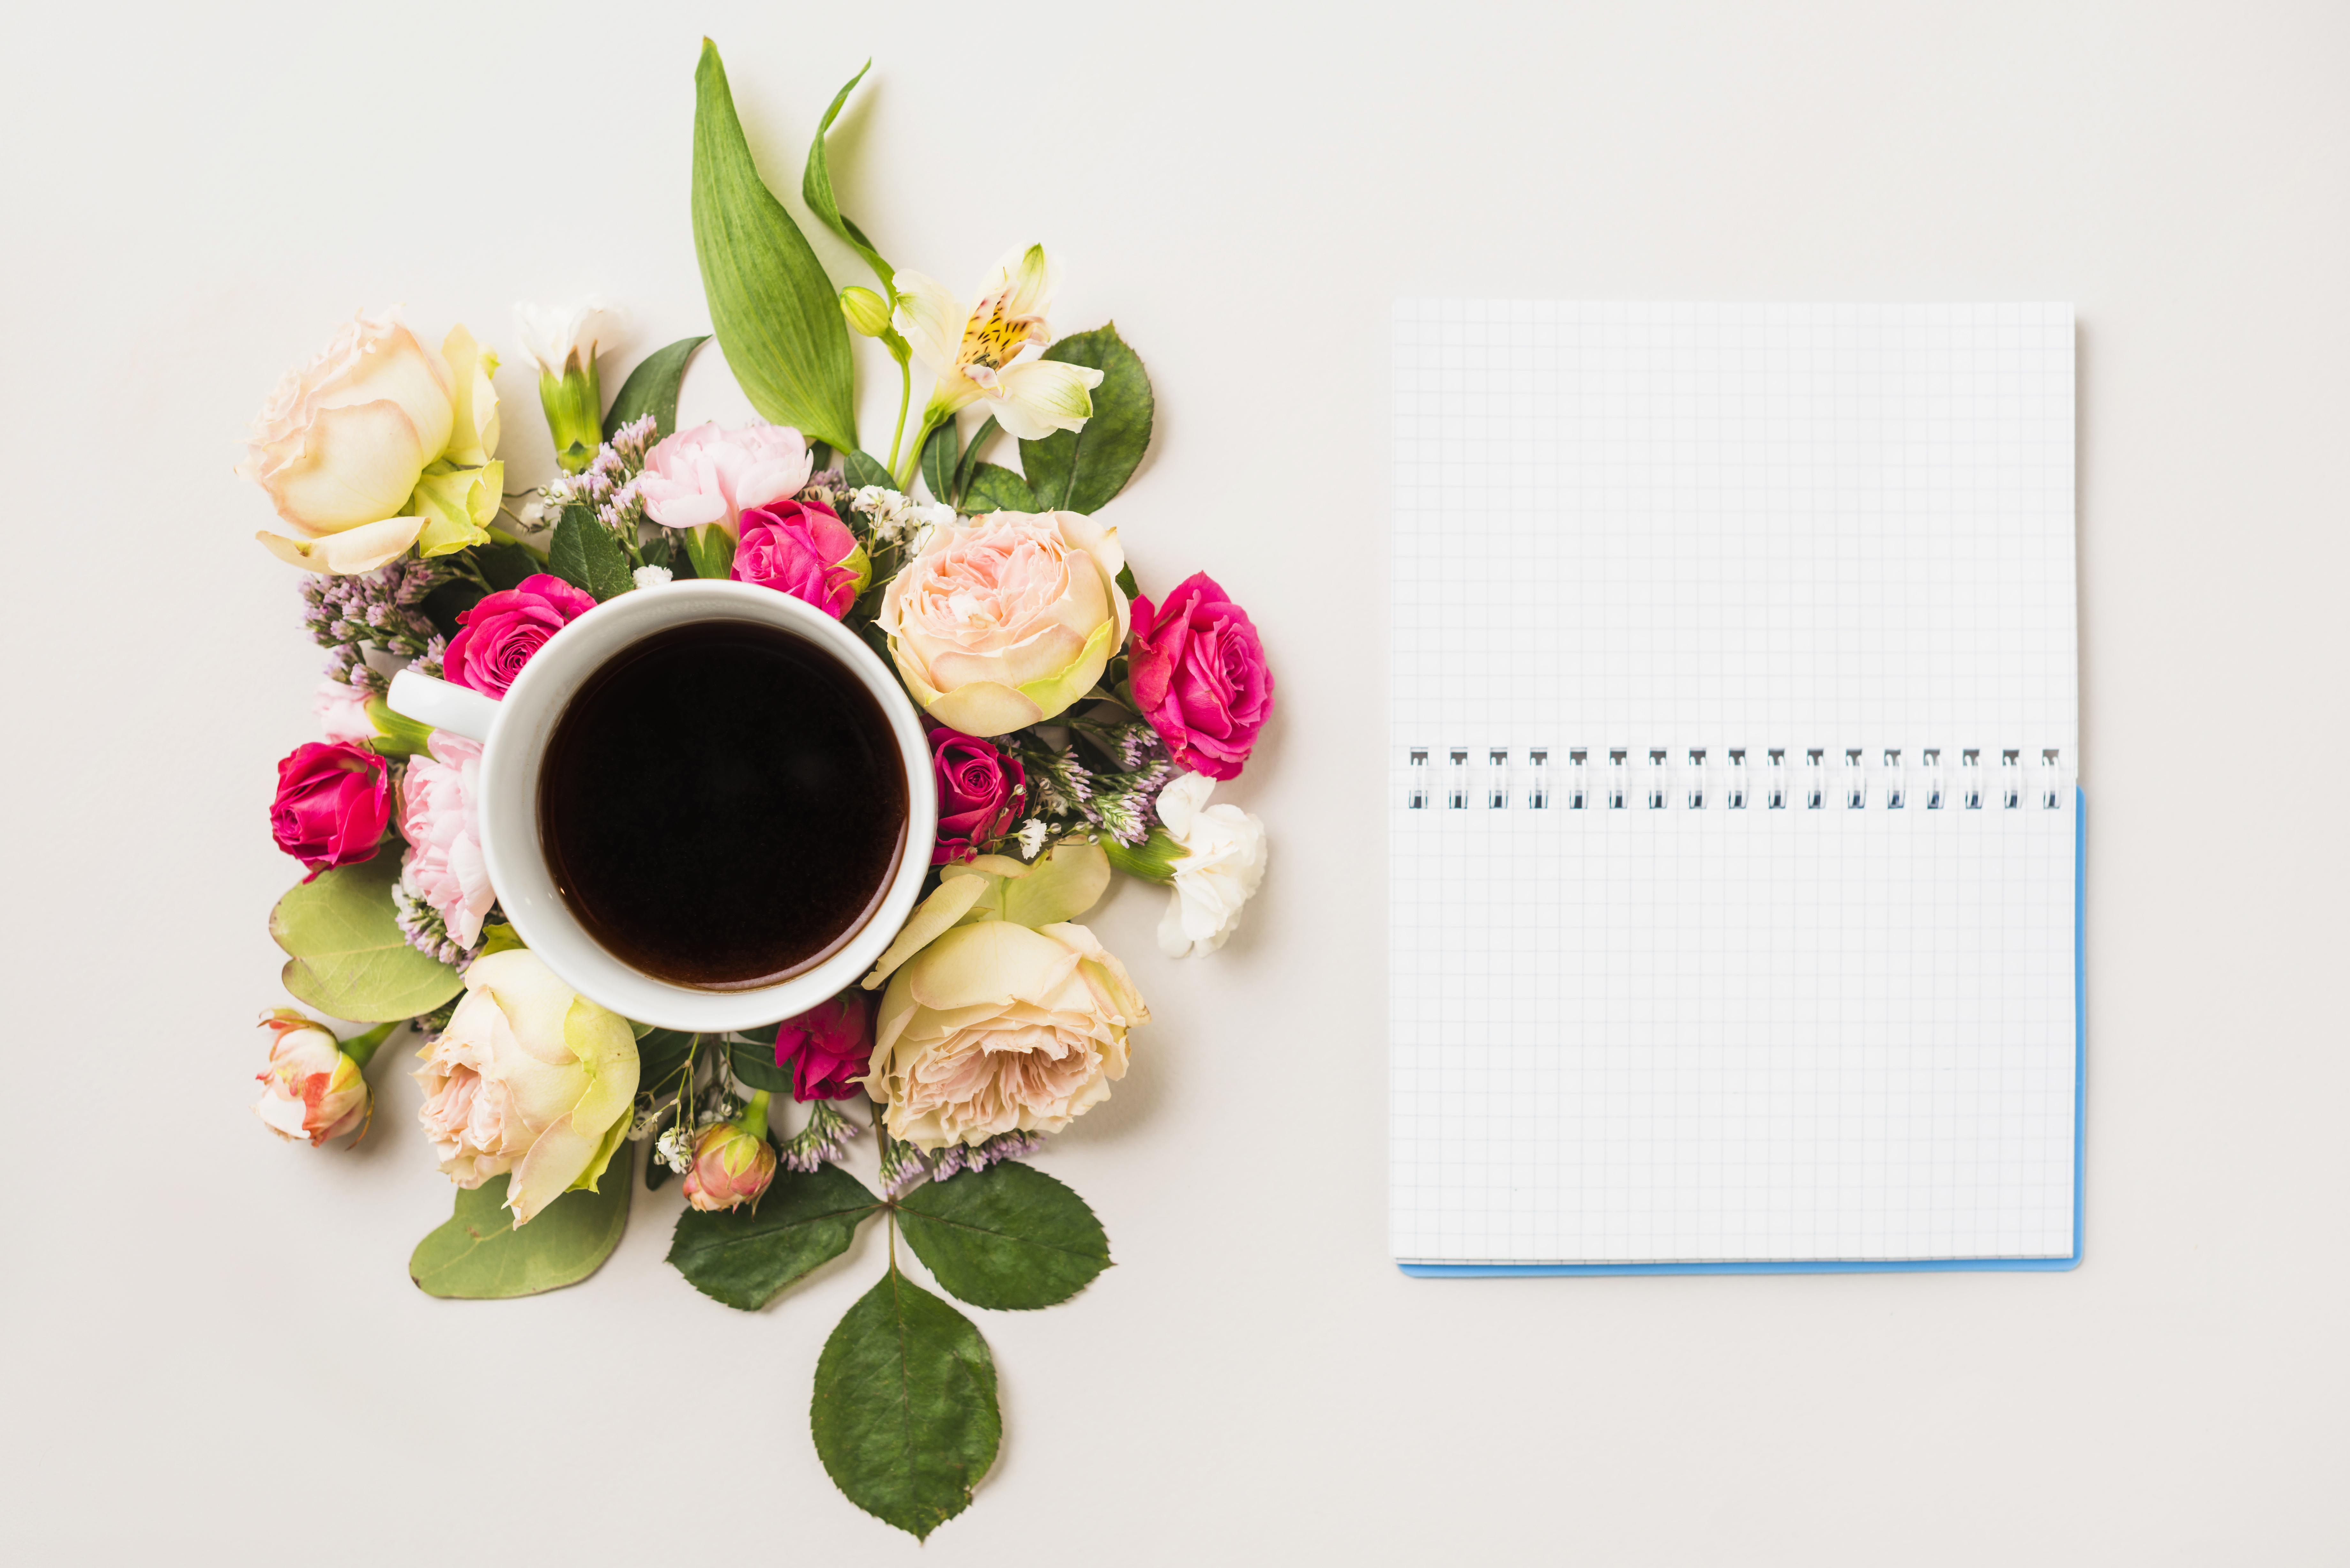 Картинки Блокнот Розы Кофе Цветы Еда Чашка Шаблон поздравительной открытки Натюрморт Цветной фон 7360x4912 Пища чашке Продукты питания